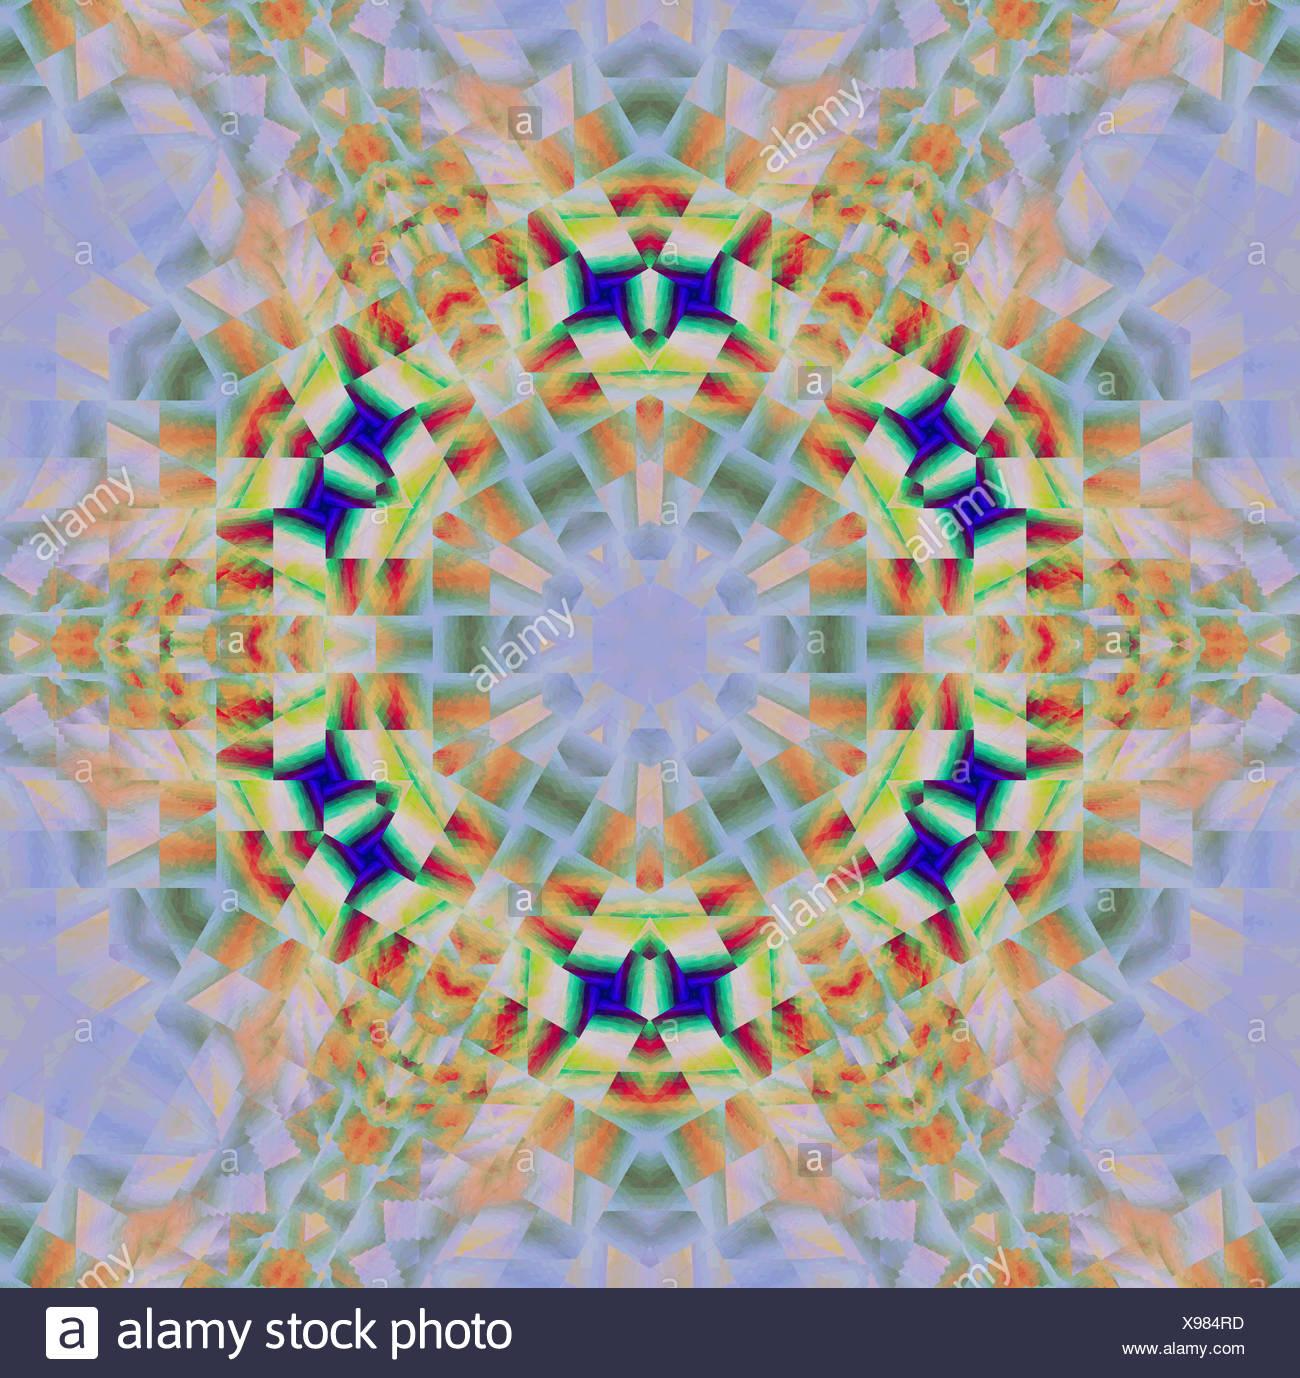 Ausgezeichnet Sternform Färbung Seite Fotos - Druckbare Malvorlagen ...